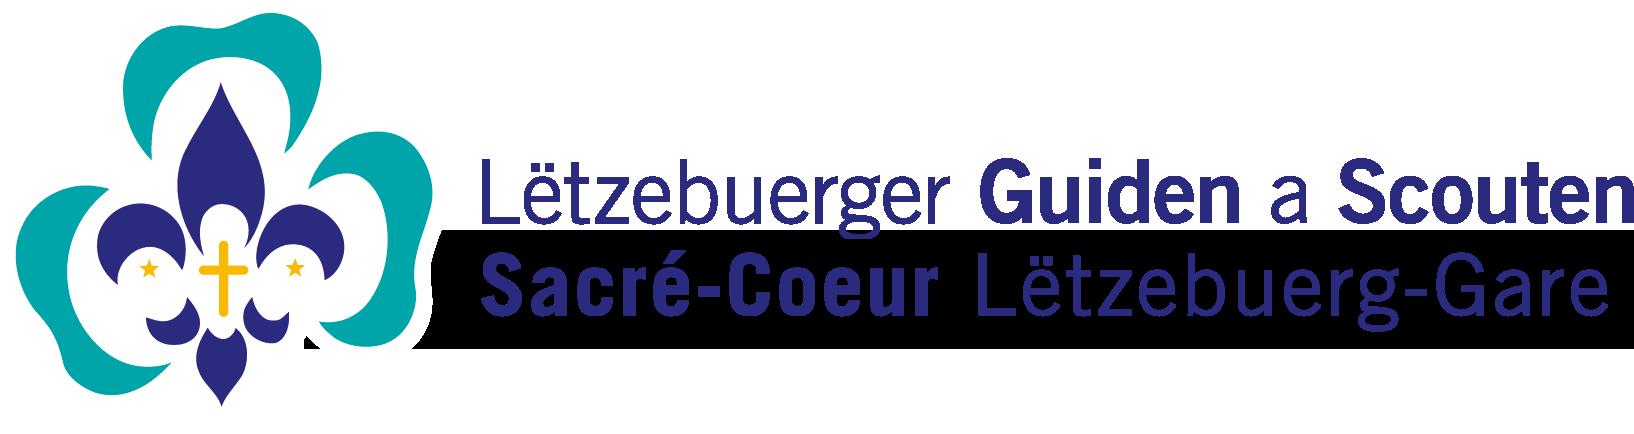 LGS - Sacré-Coeur Letzebuerg-Gare